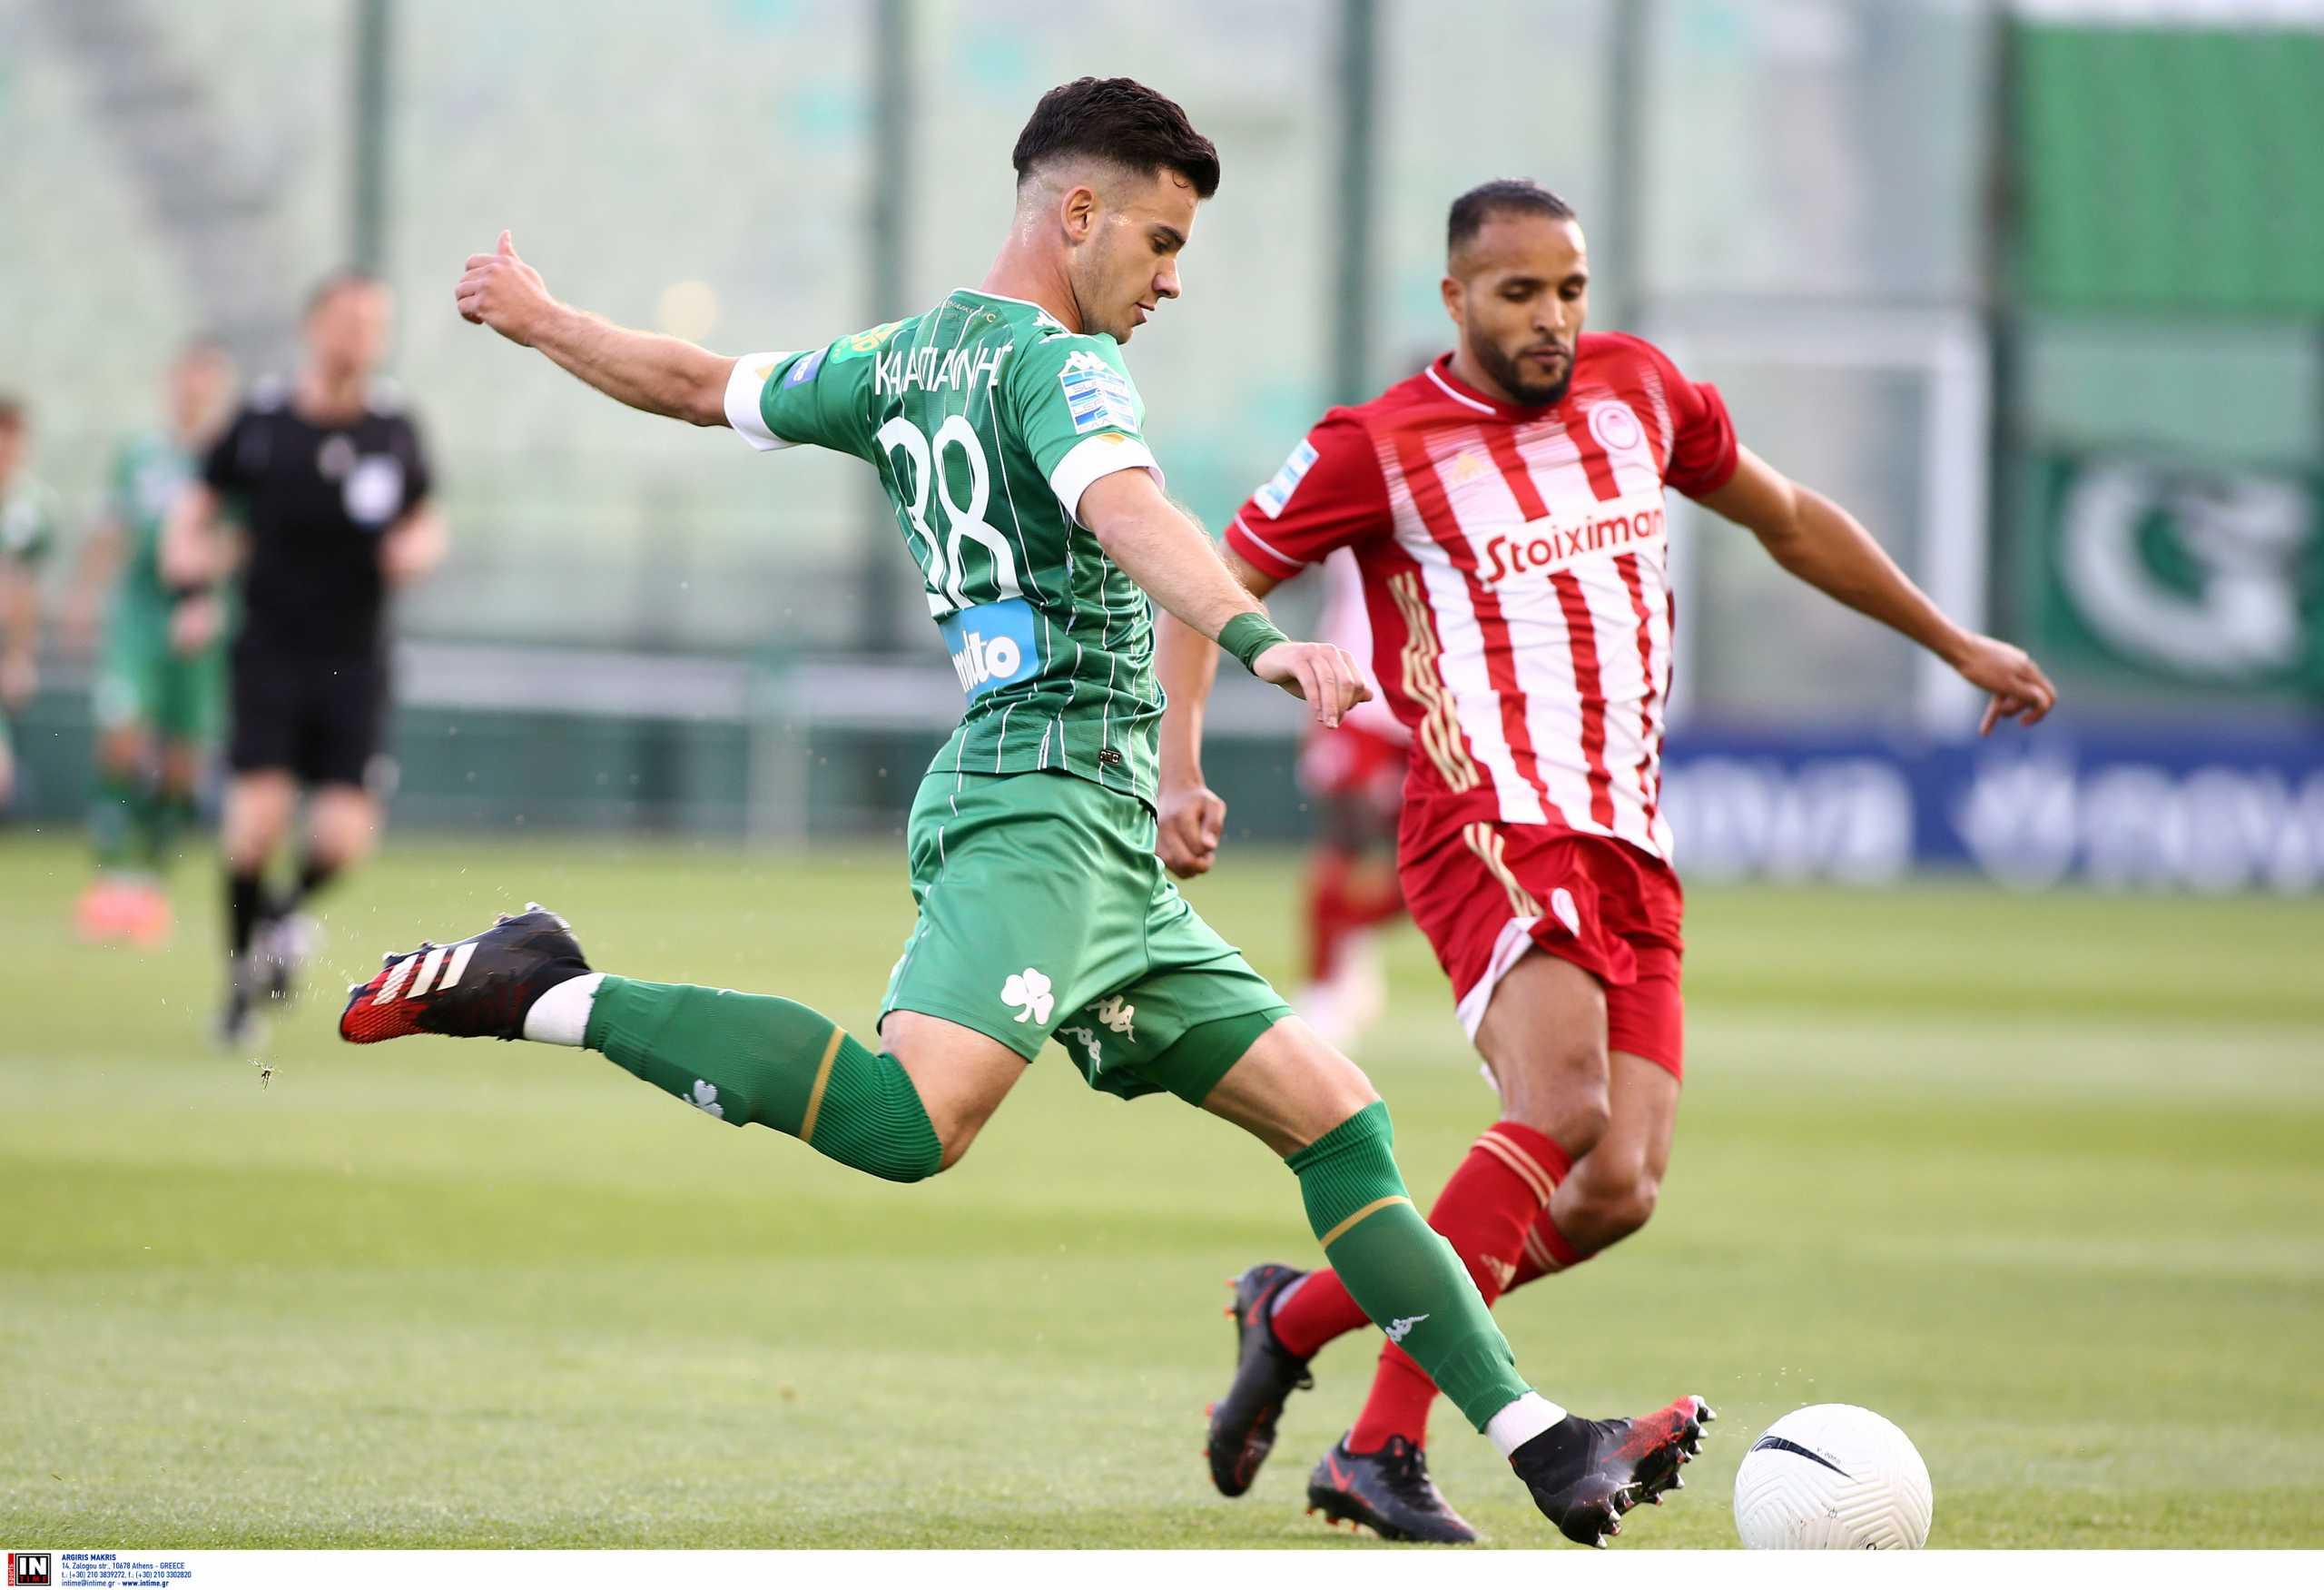 Ο ΠΑΣ Γιάννινα θέλει παίκτες από Παναθηναϊκό και ΑΕΚ